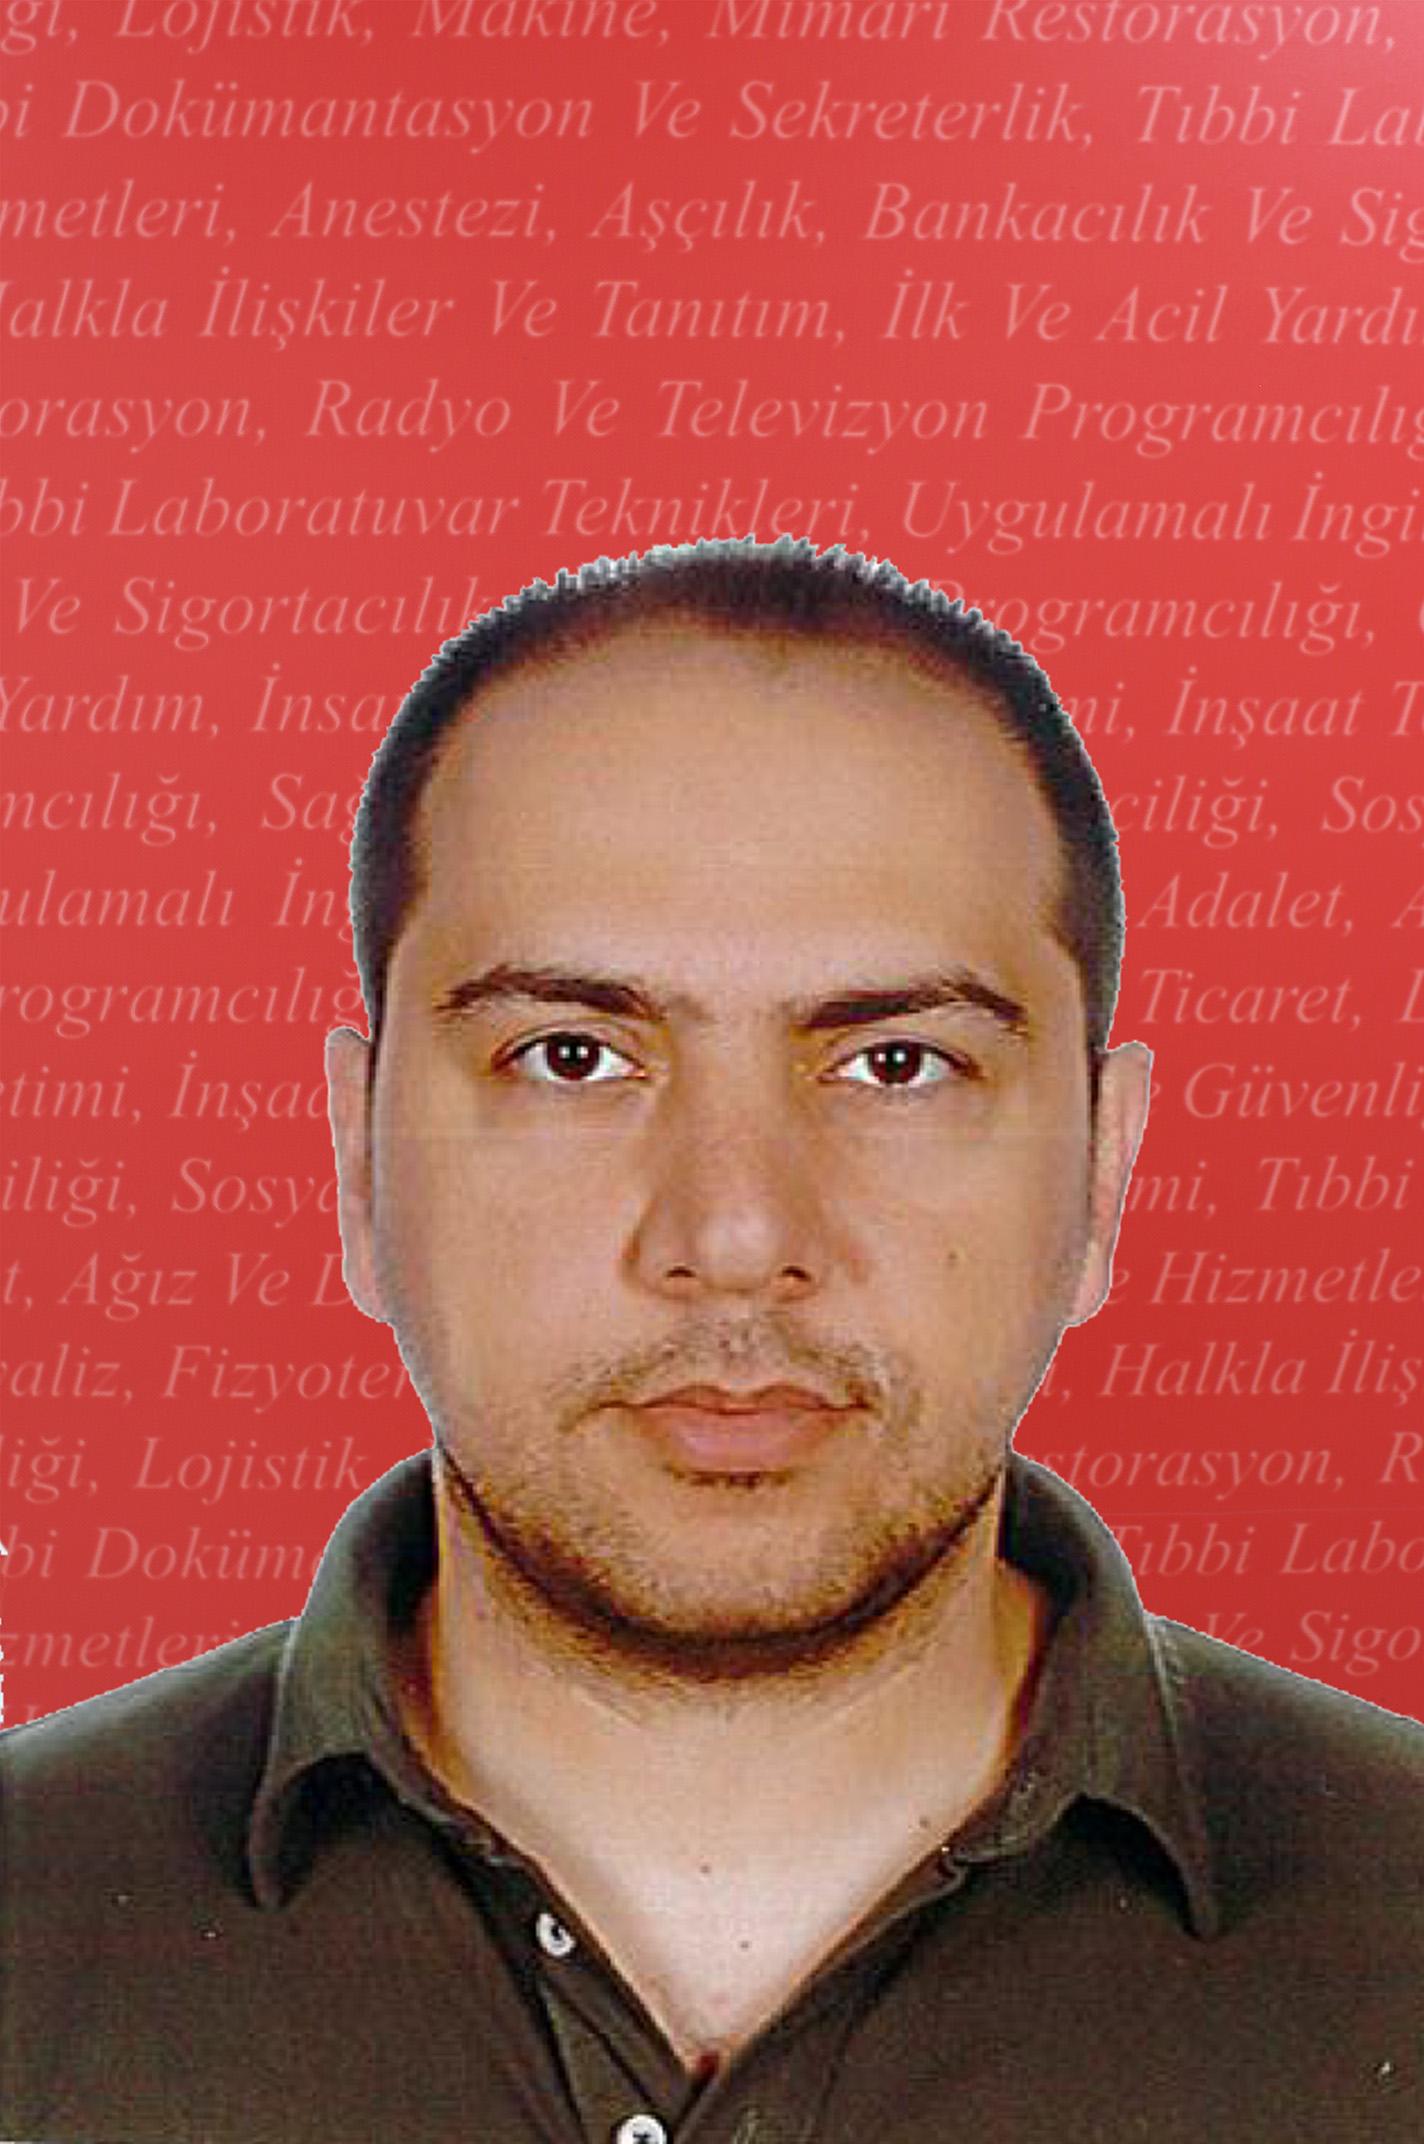 Ahmet Nuri Silahtar